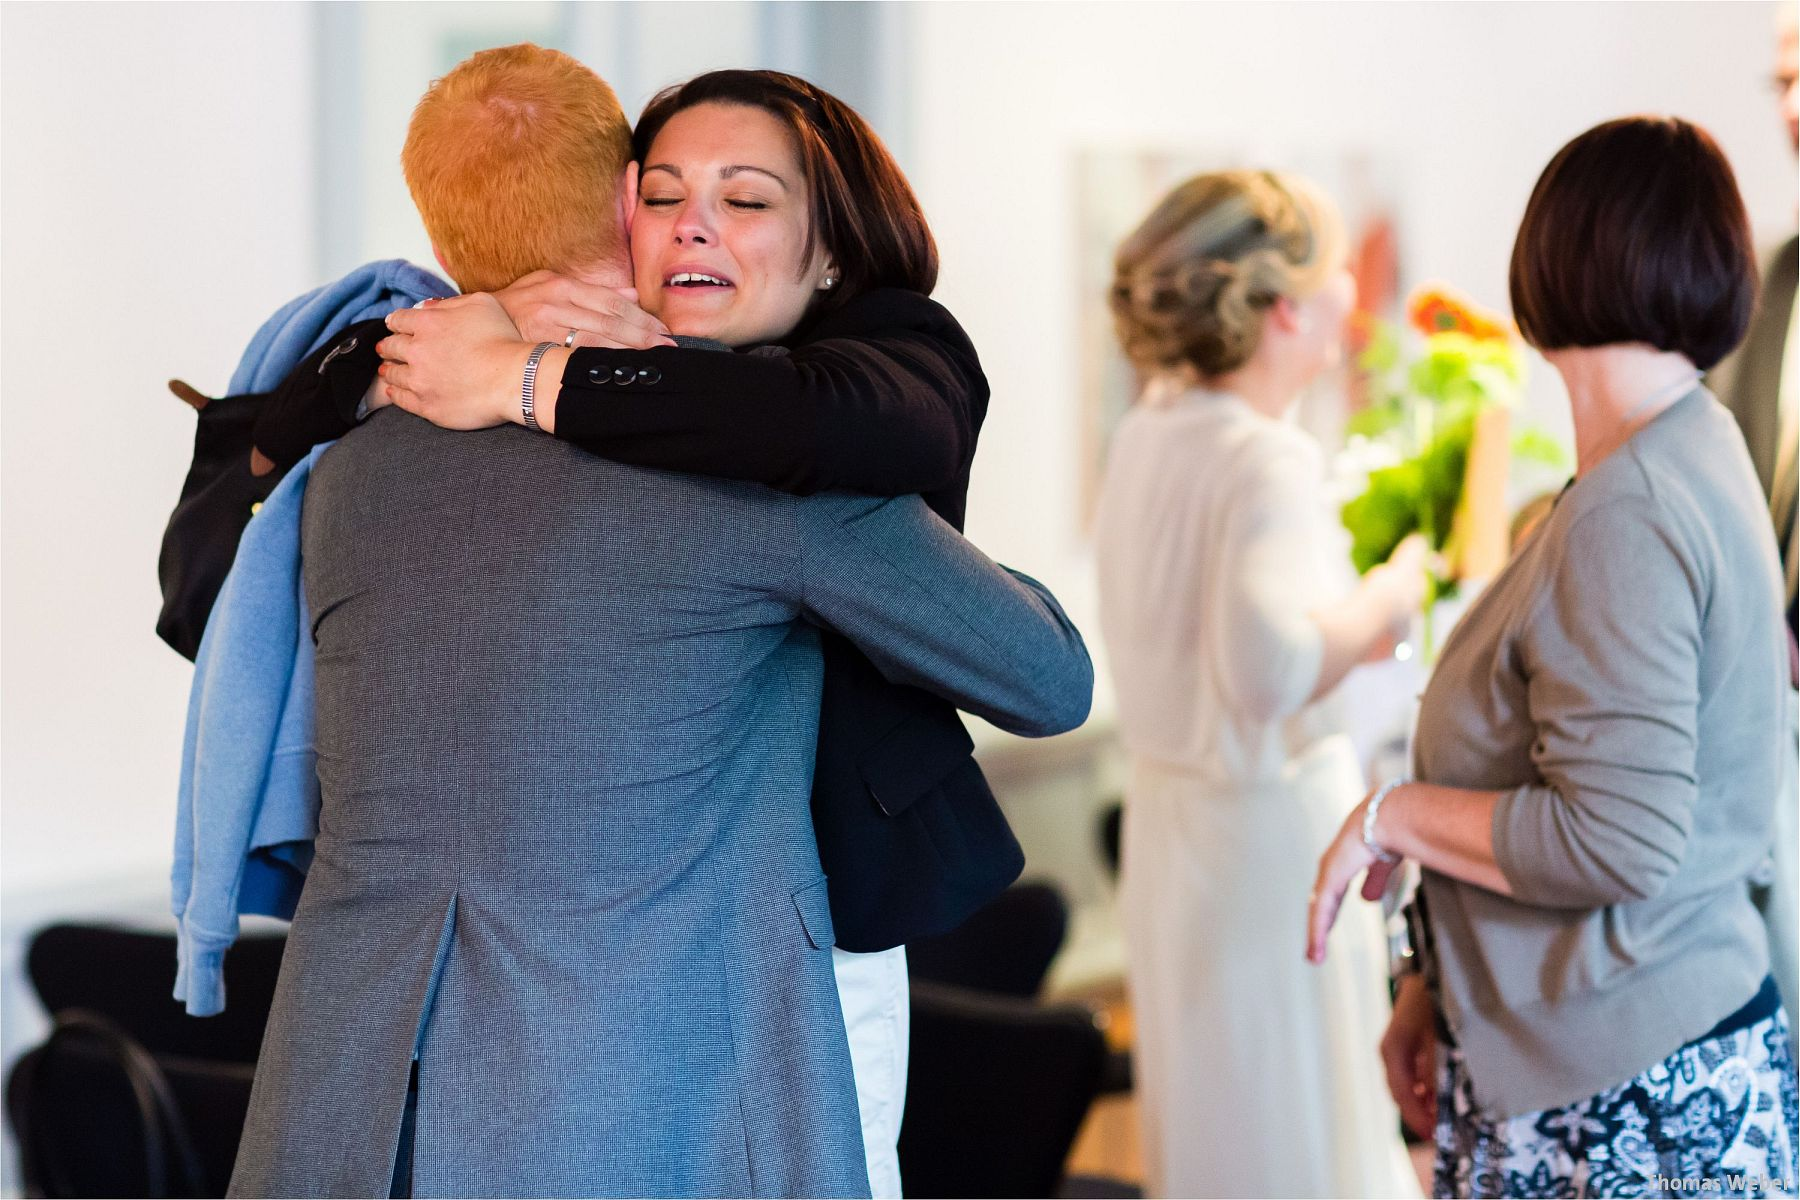 Hochzeitsfotograf Papenburg: Standesamtliche Trauung auf der Burg Kniphausen und Feier im Le Patron am Meer (16)